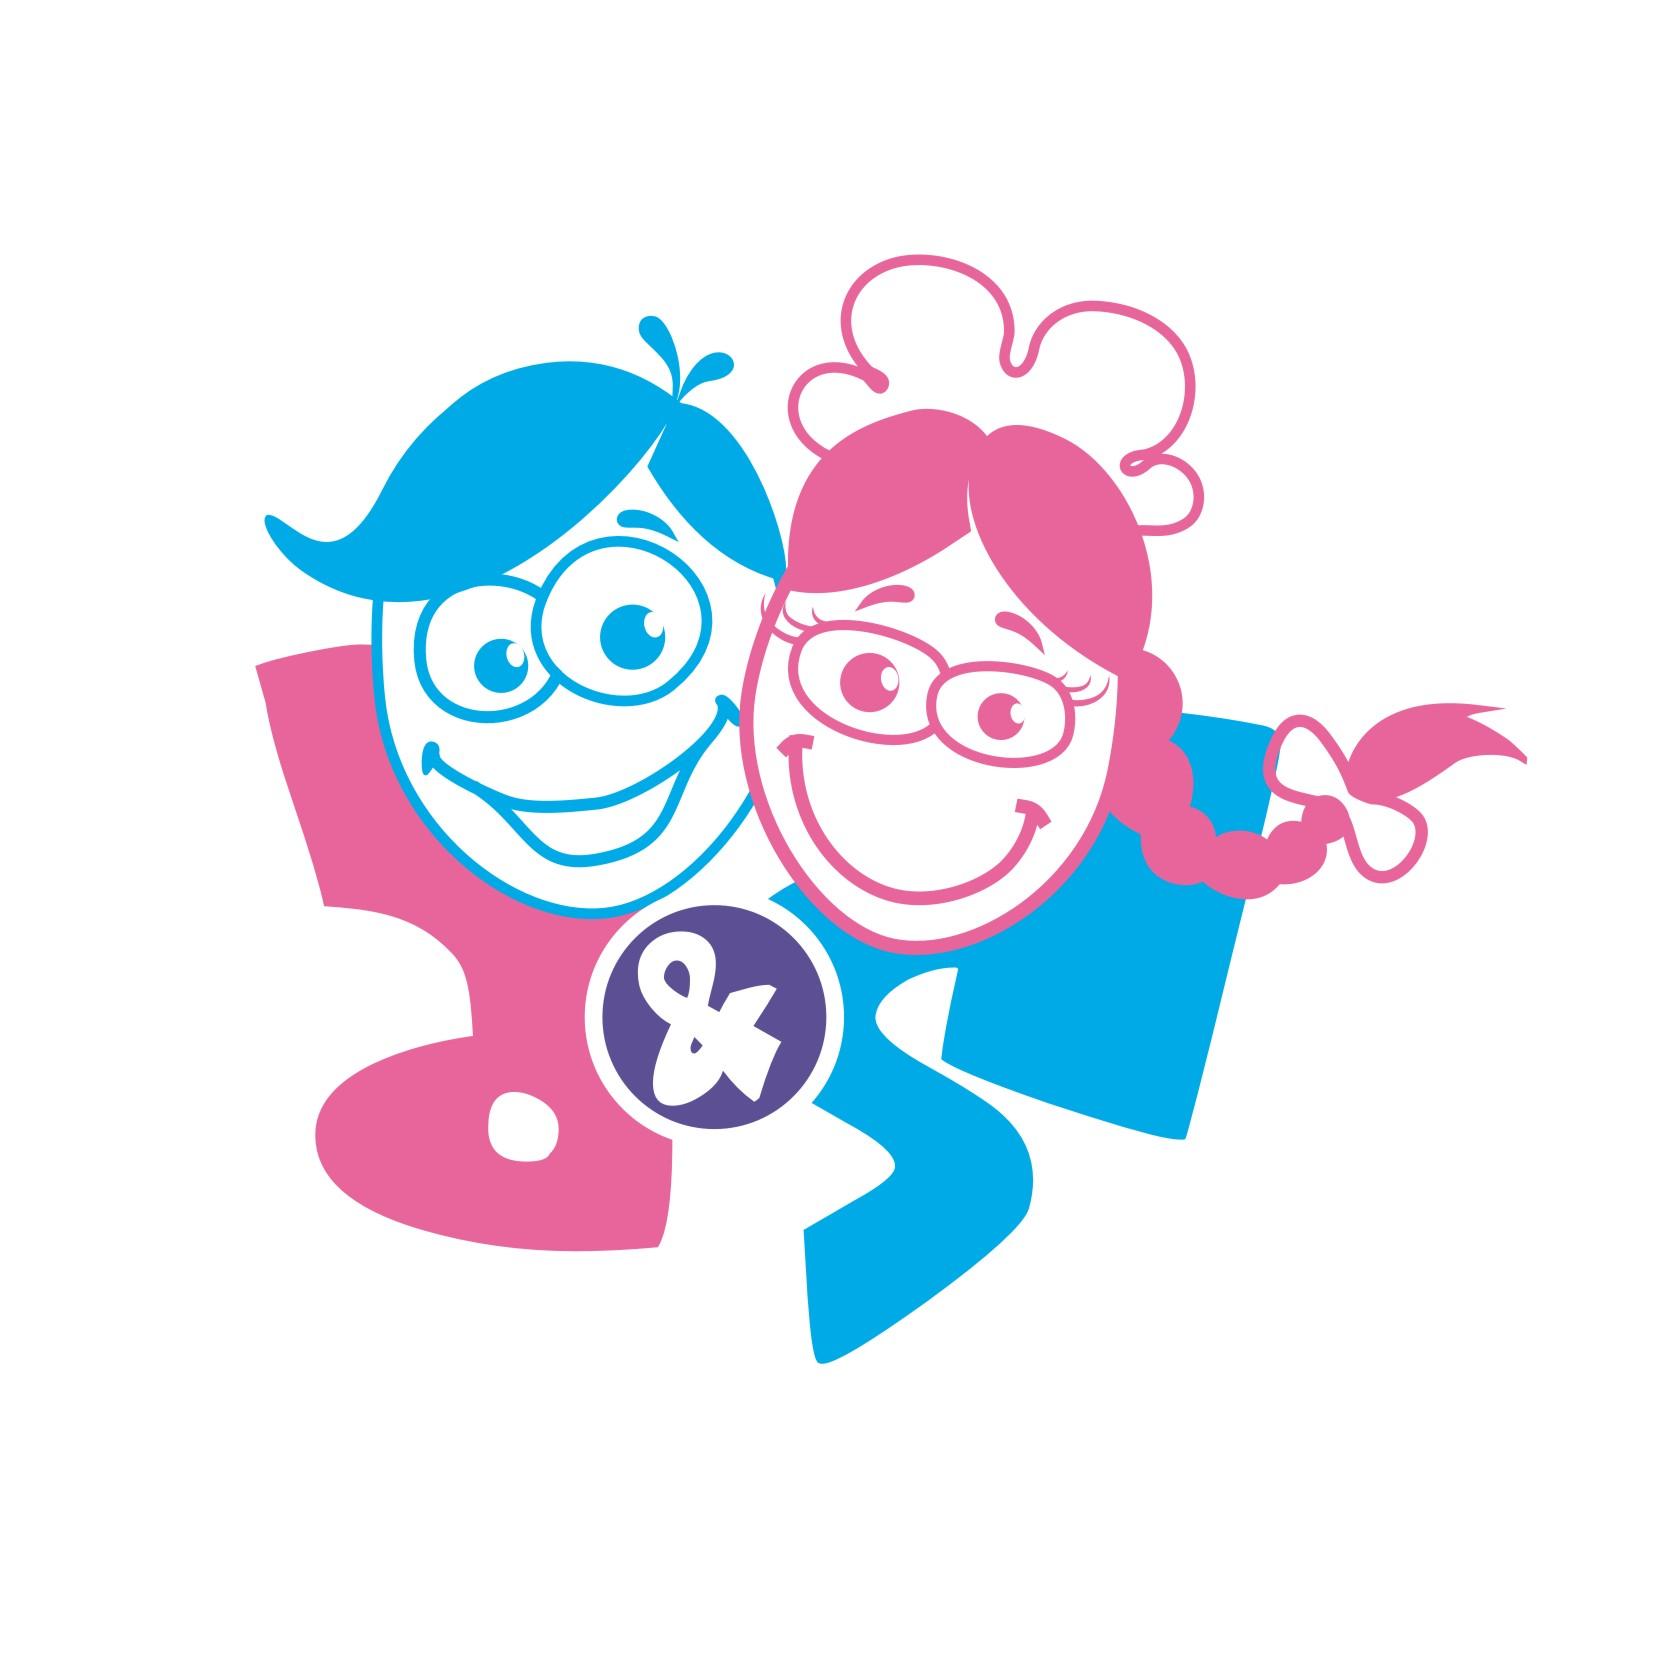 Логотип и вывеска для магазина детской одежды фото f_4c87ca9623c6b.jpg